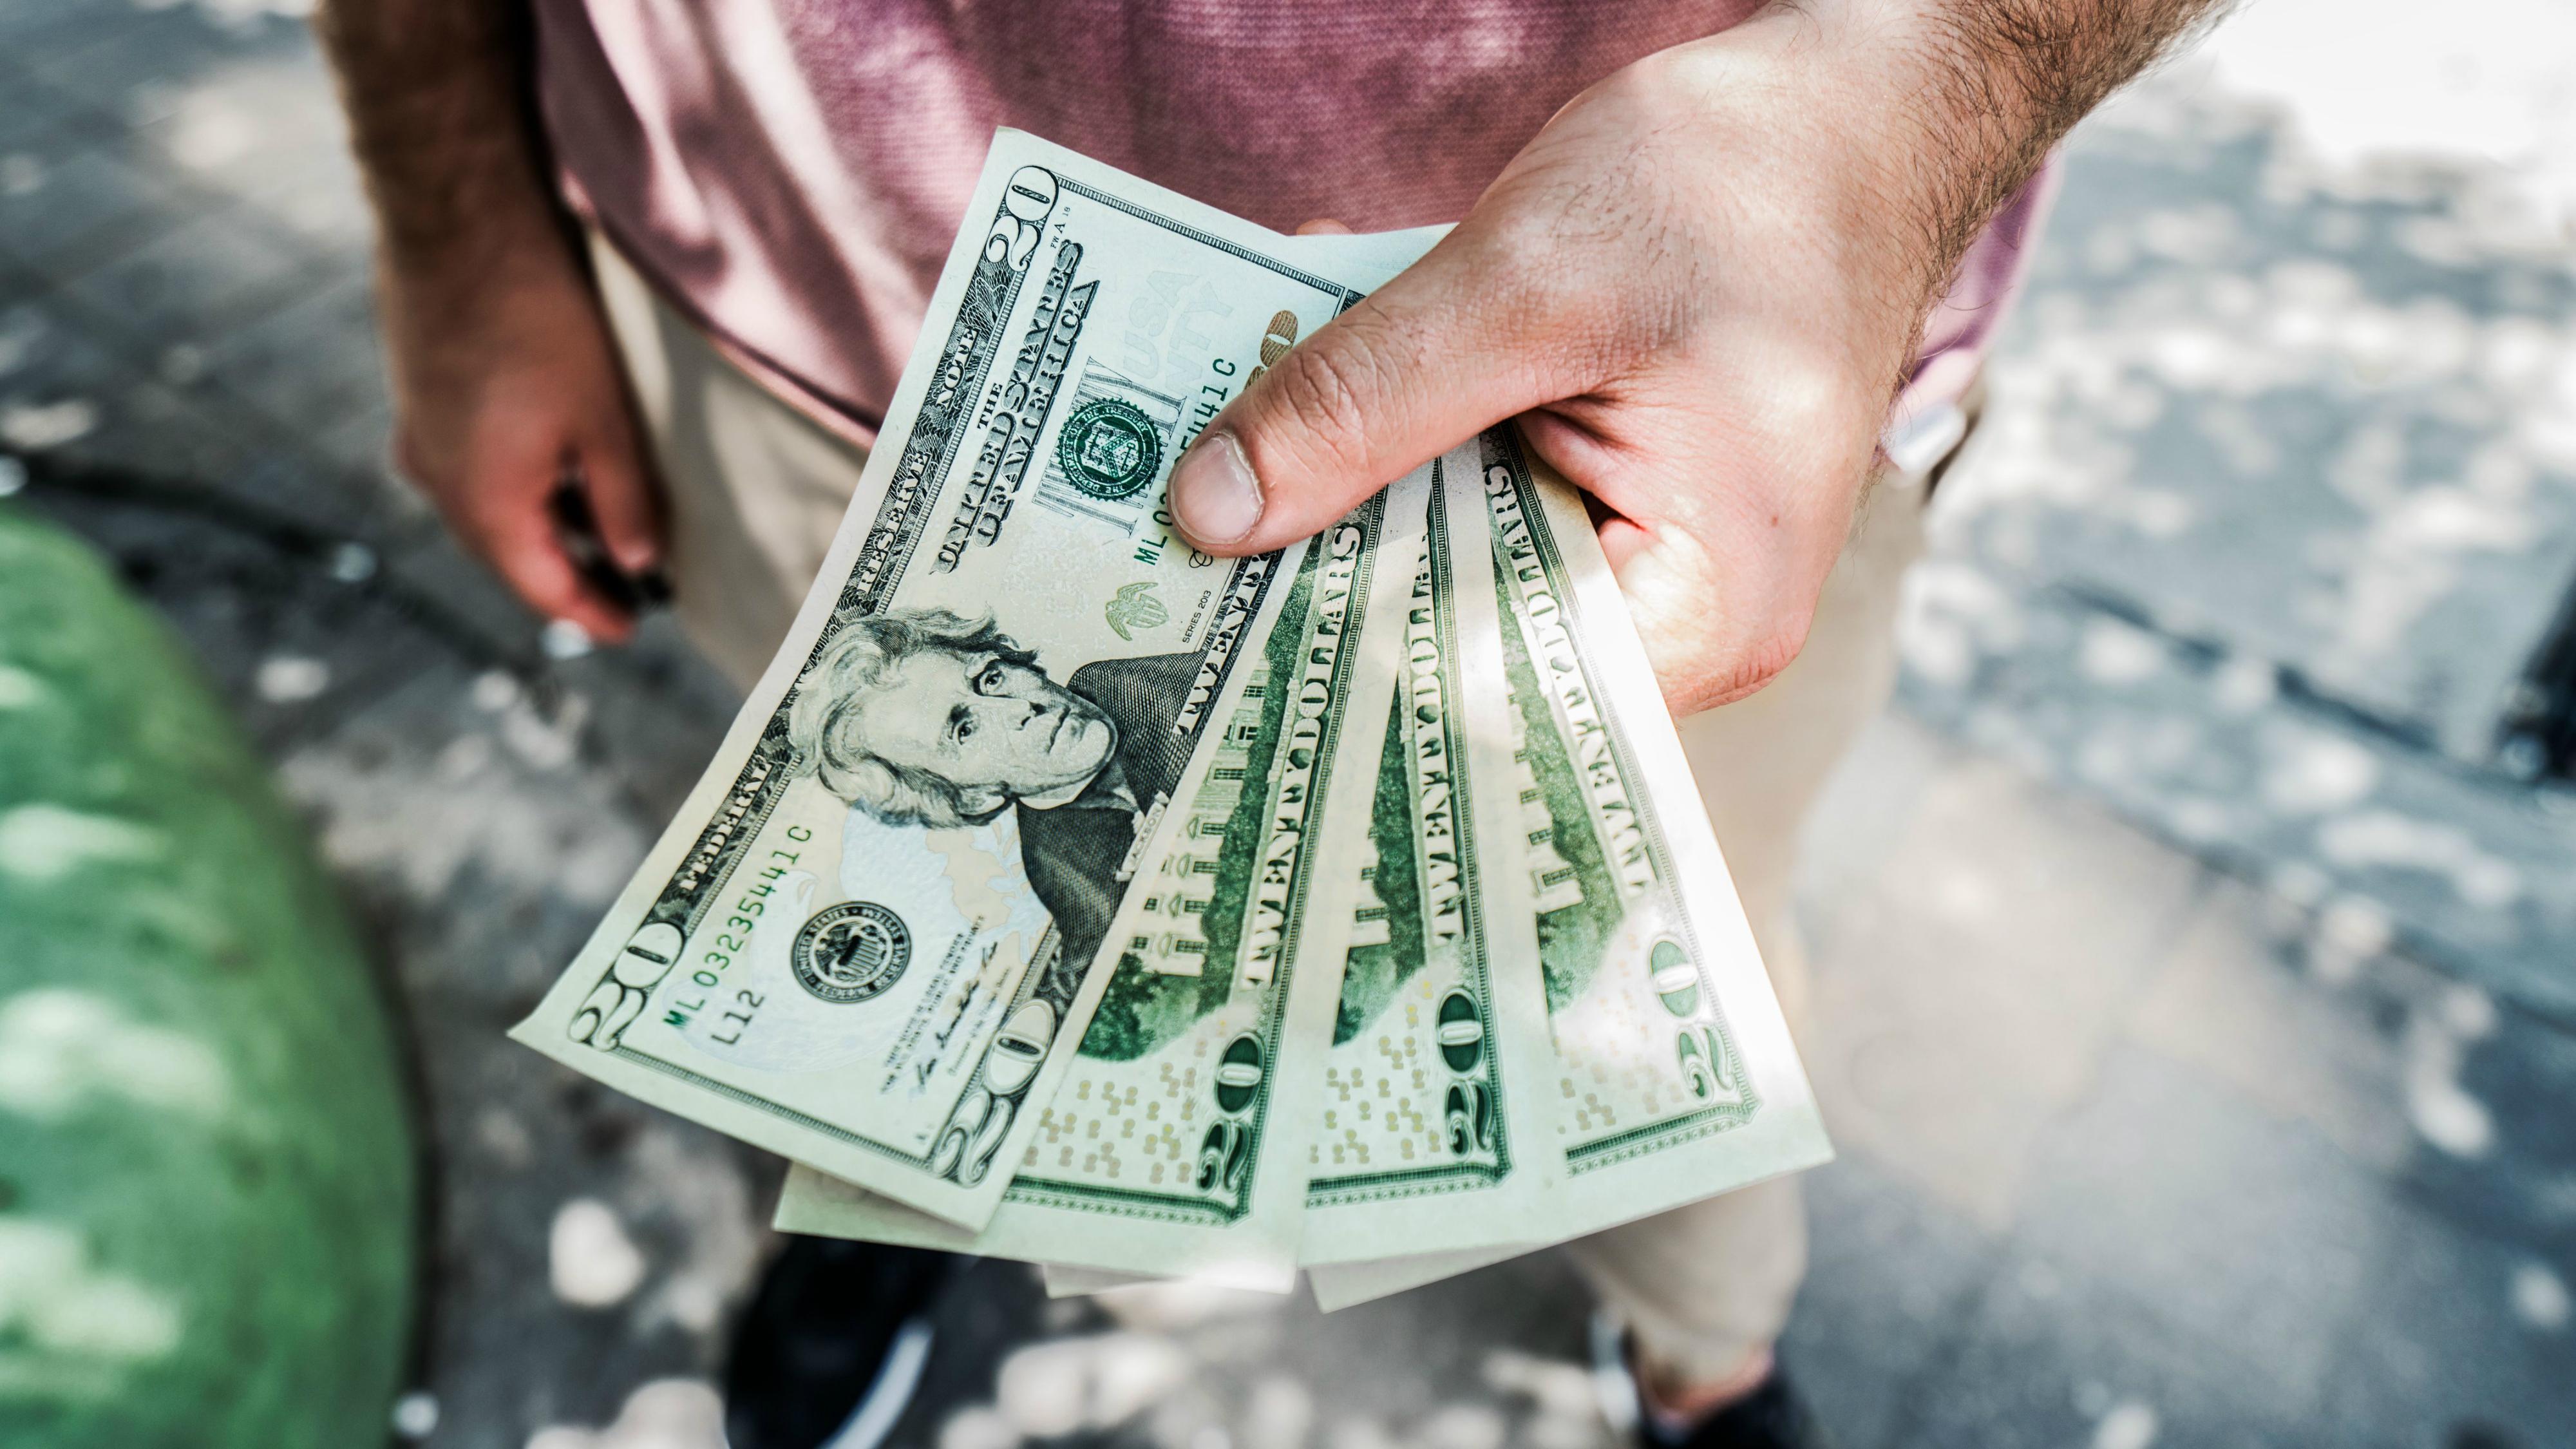 kādu darbu var nopelnīt lielu naudu